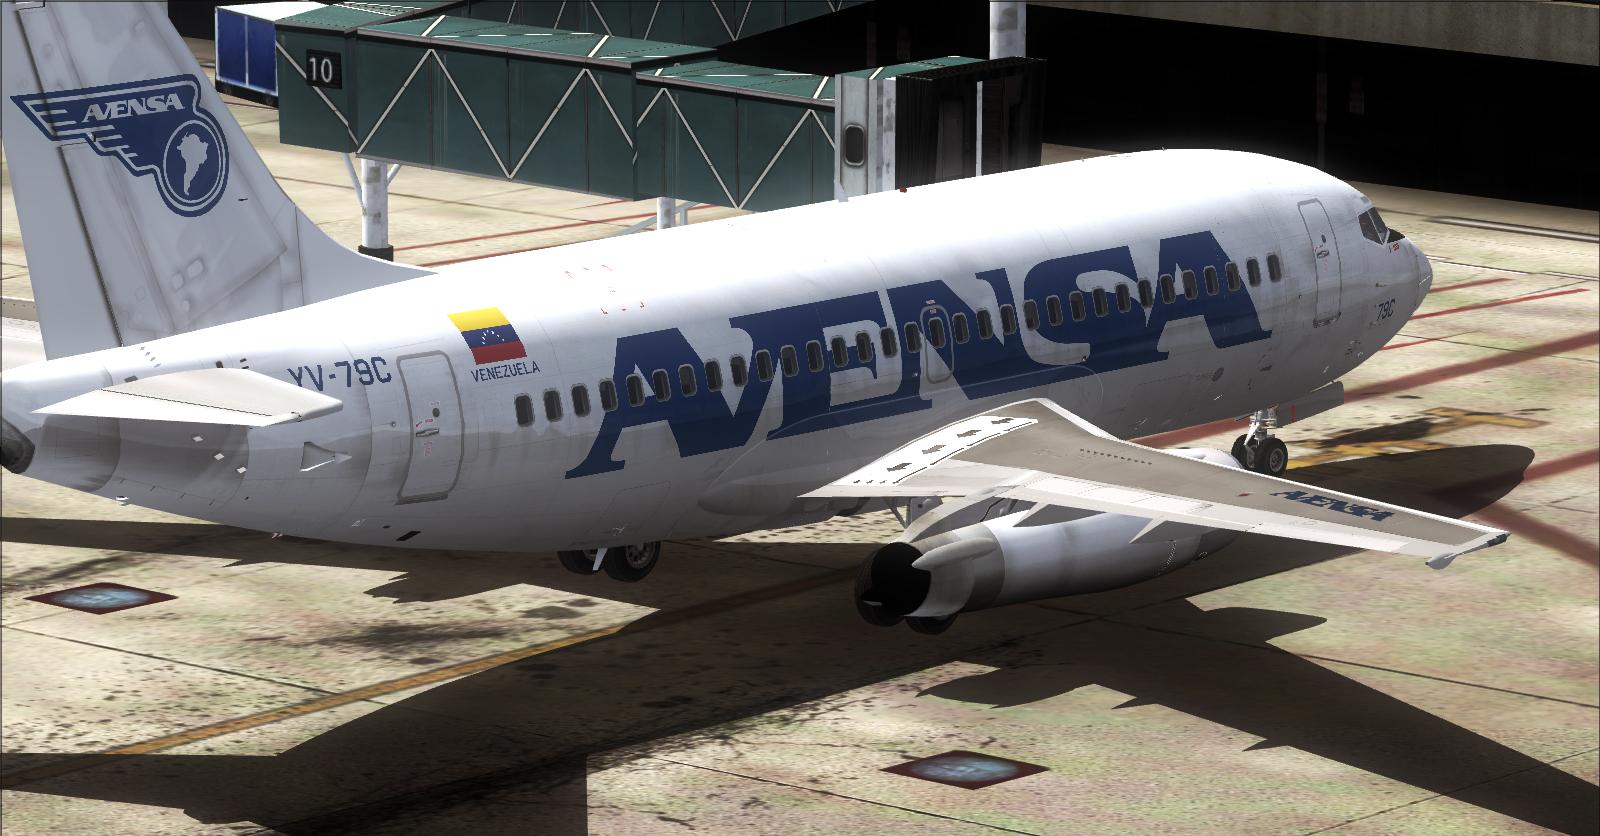 Tinmouse Ii 737 200